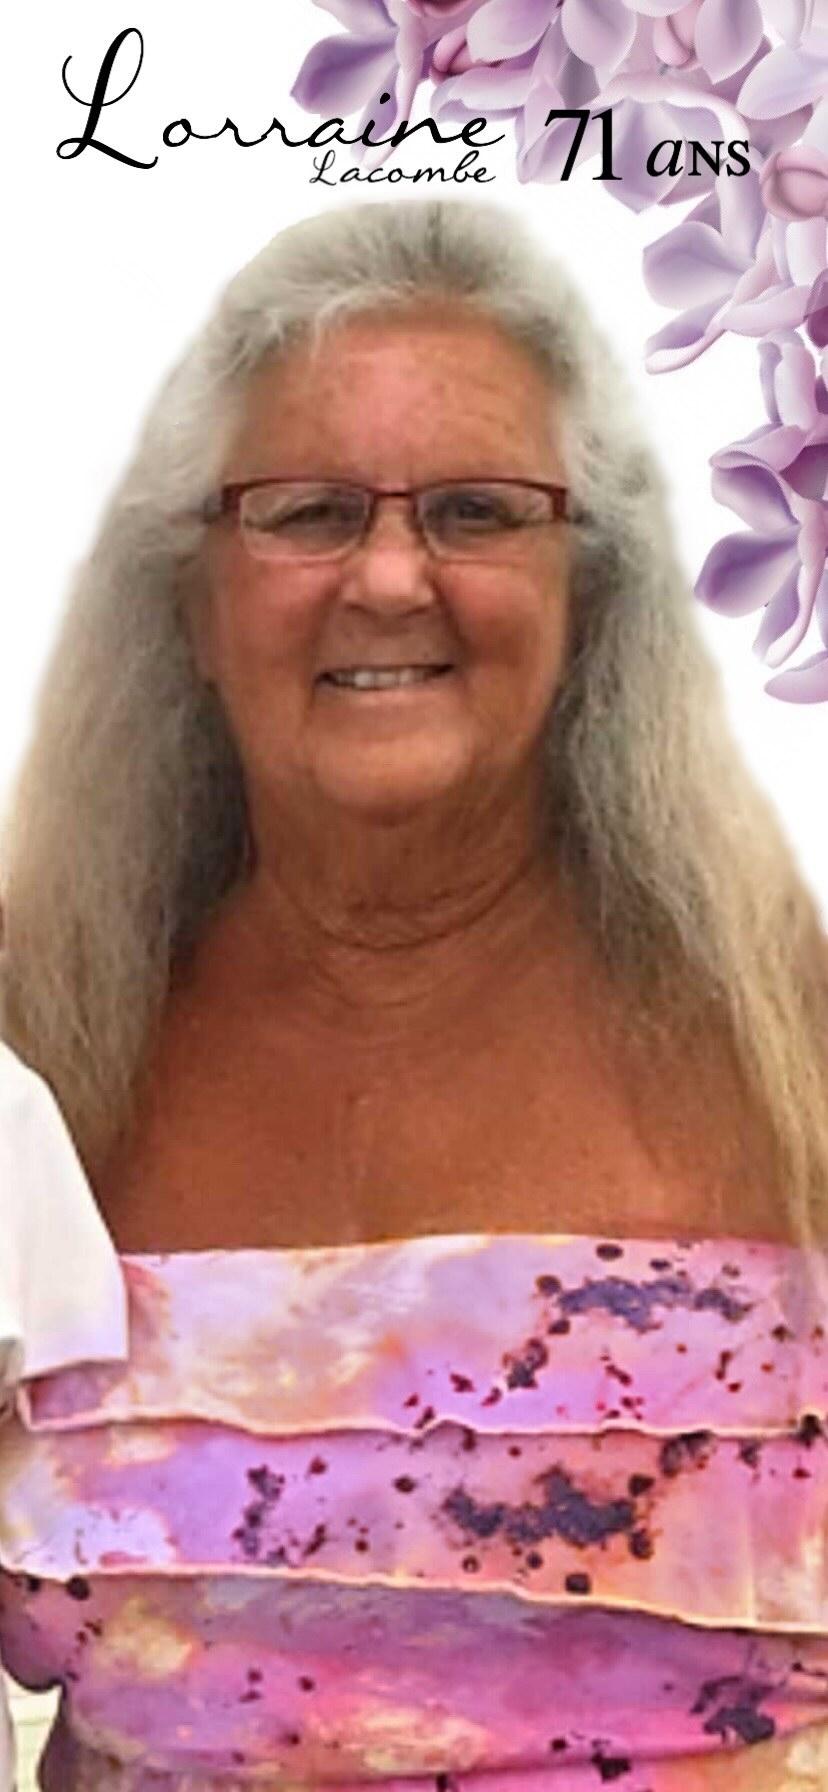 Lorraine Lacombe